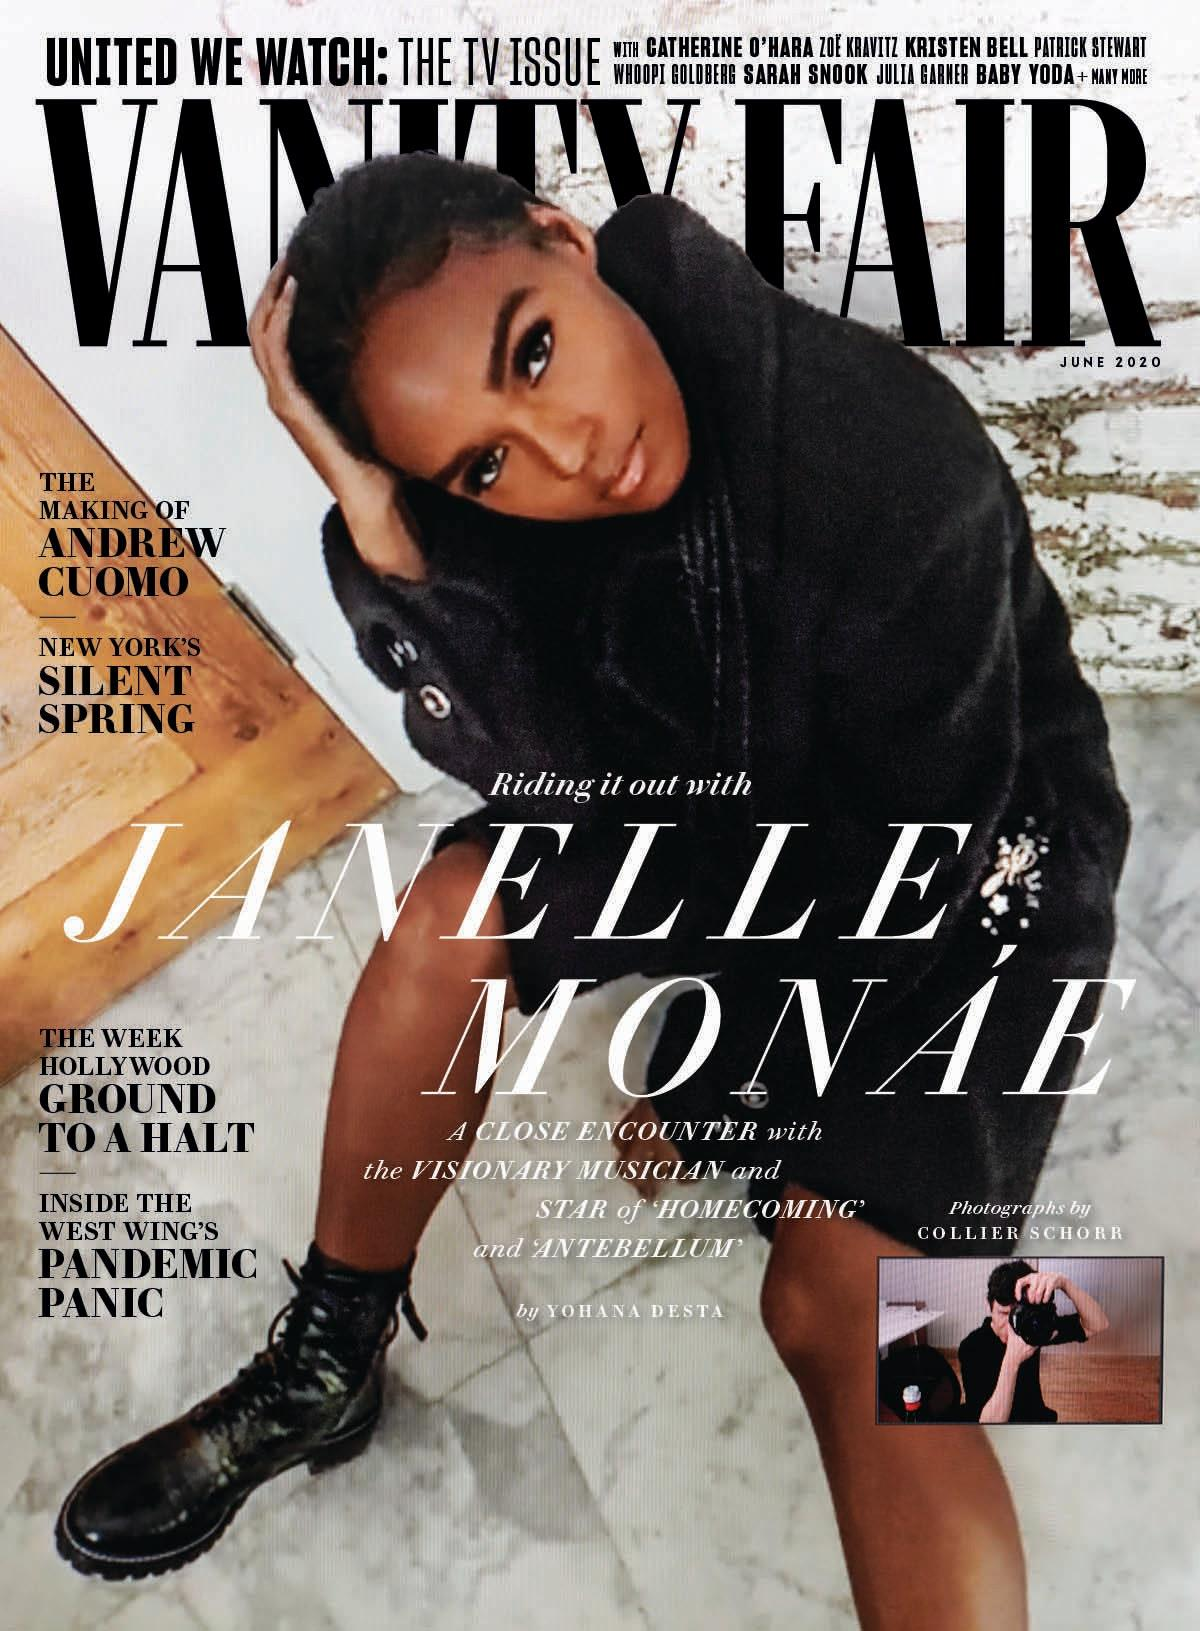 Vanity Fair Janelle Monae ()